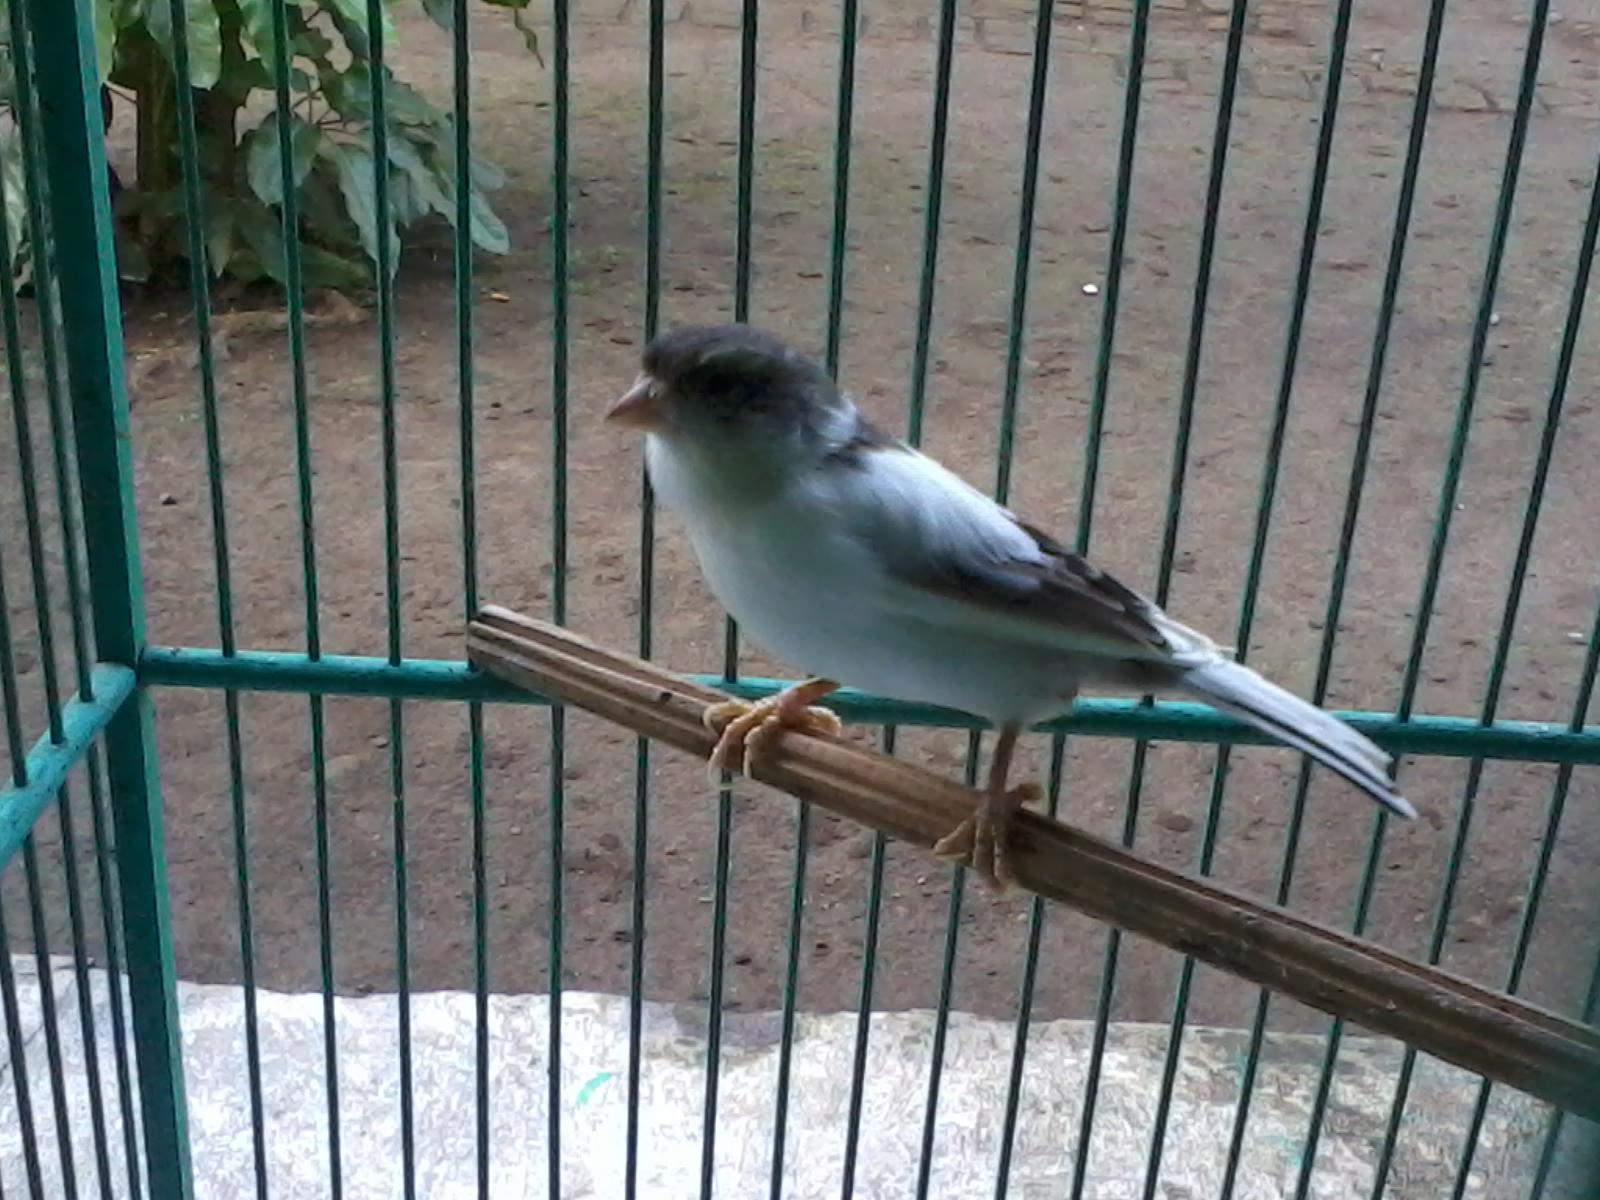 300 Gambar Burung Kenari Hd Gratis Gambar Id